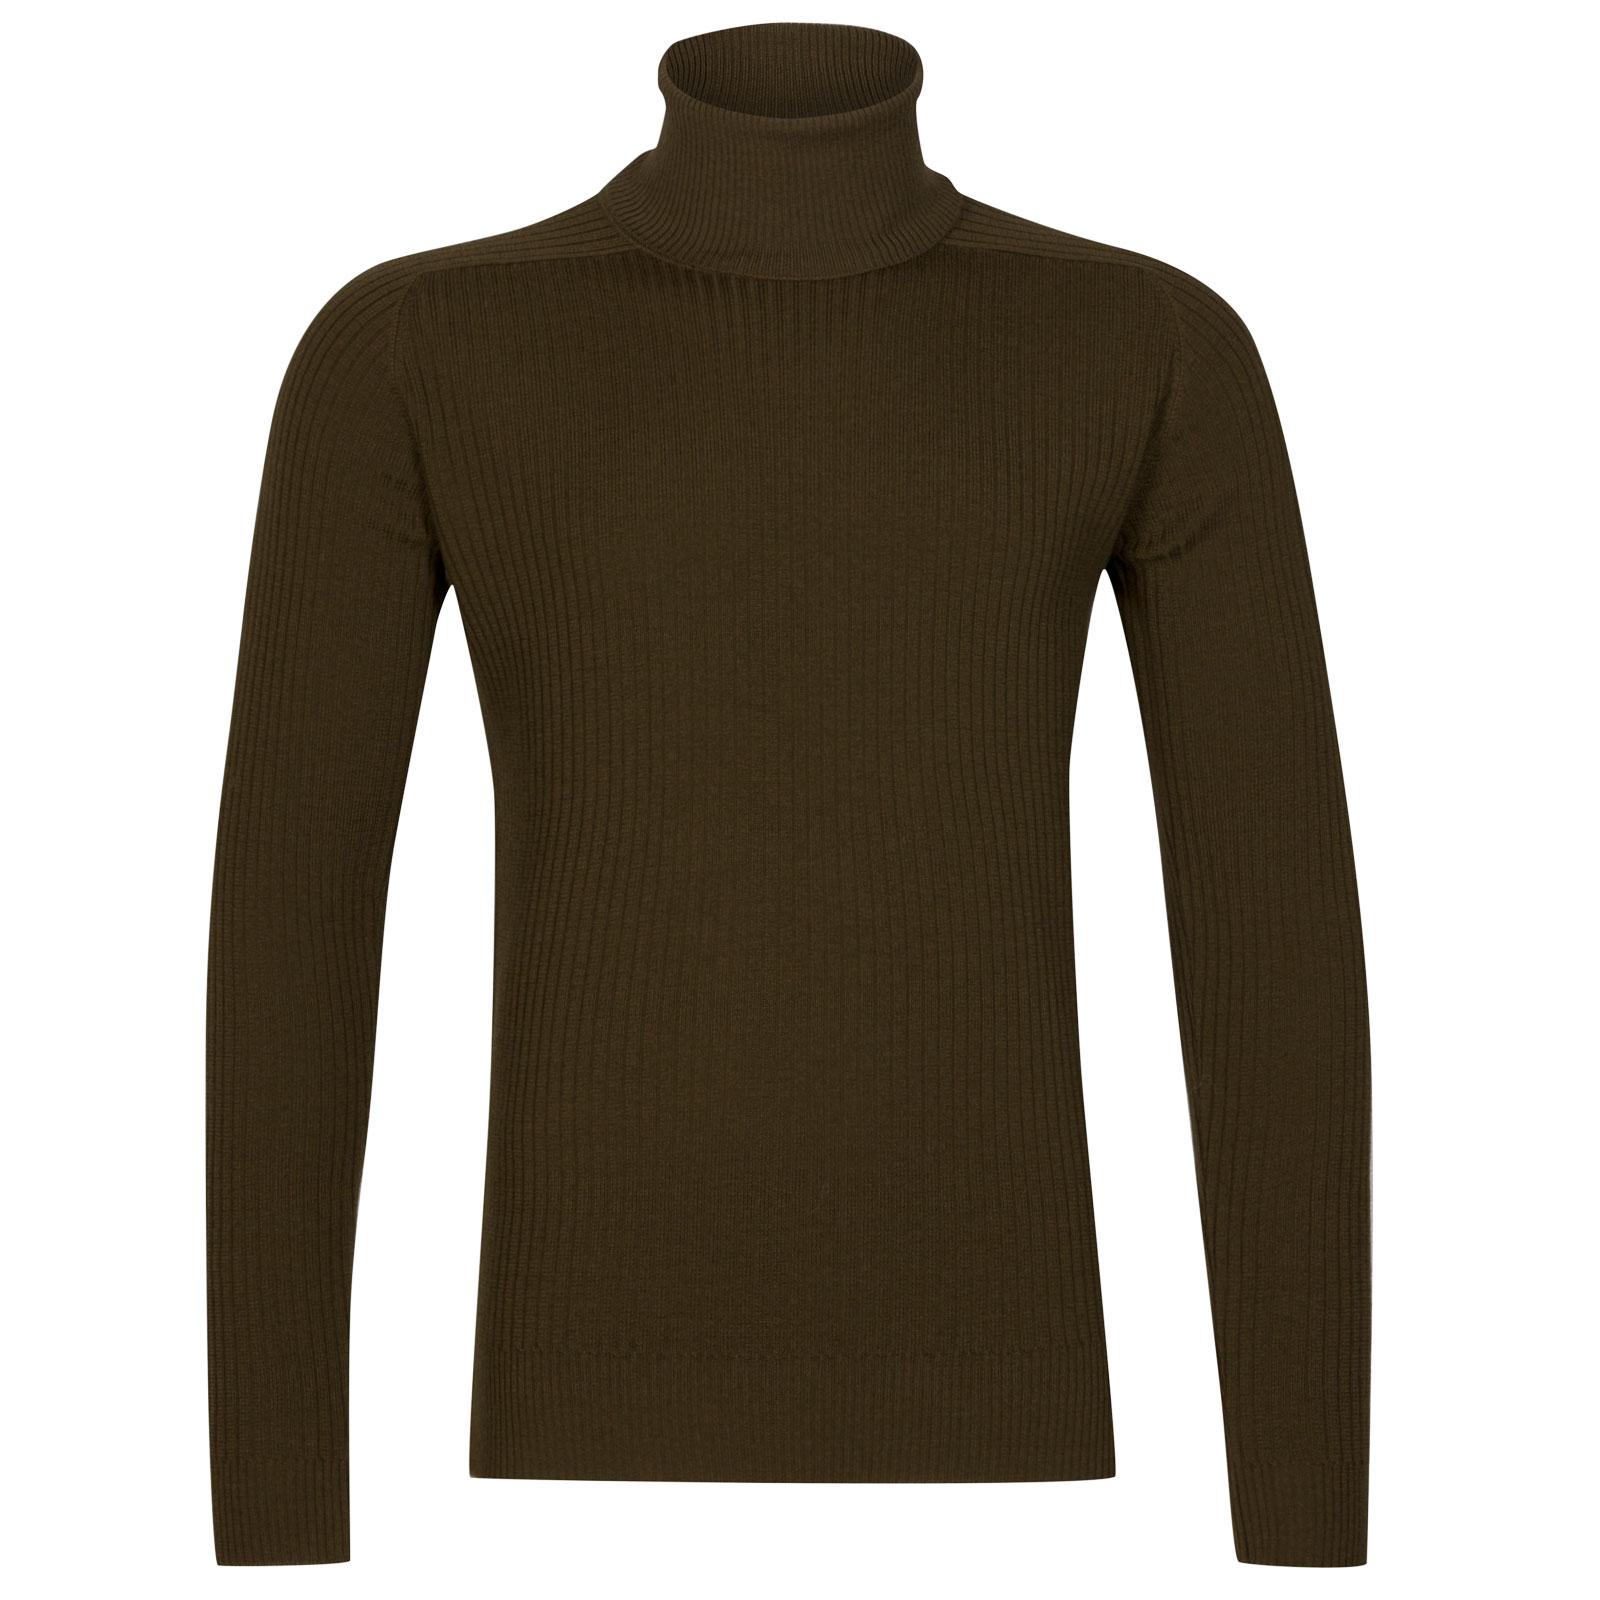 John Smedley redmayne Merino Wool Pullover in Kielder Green-L